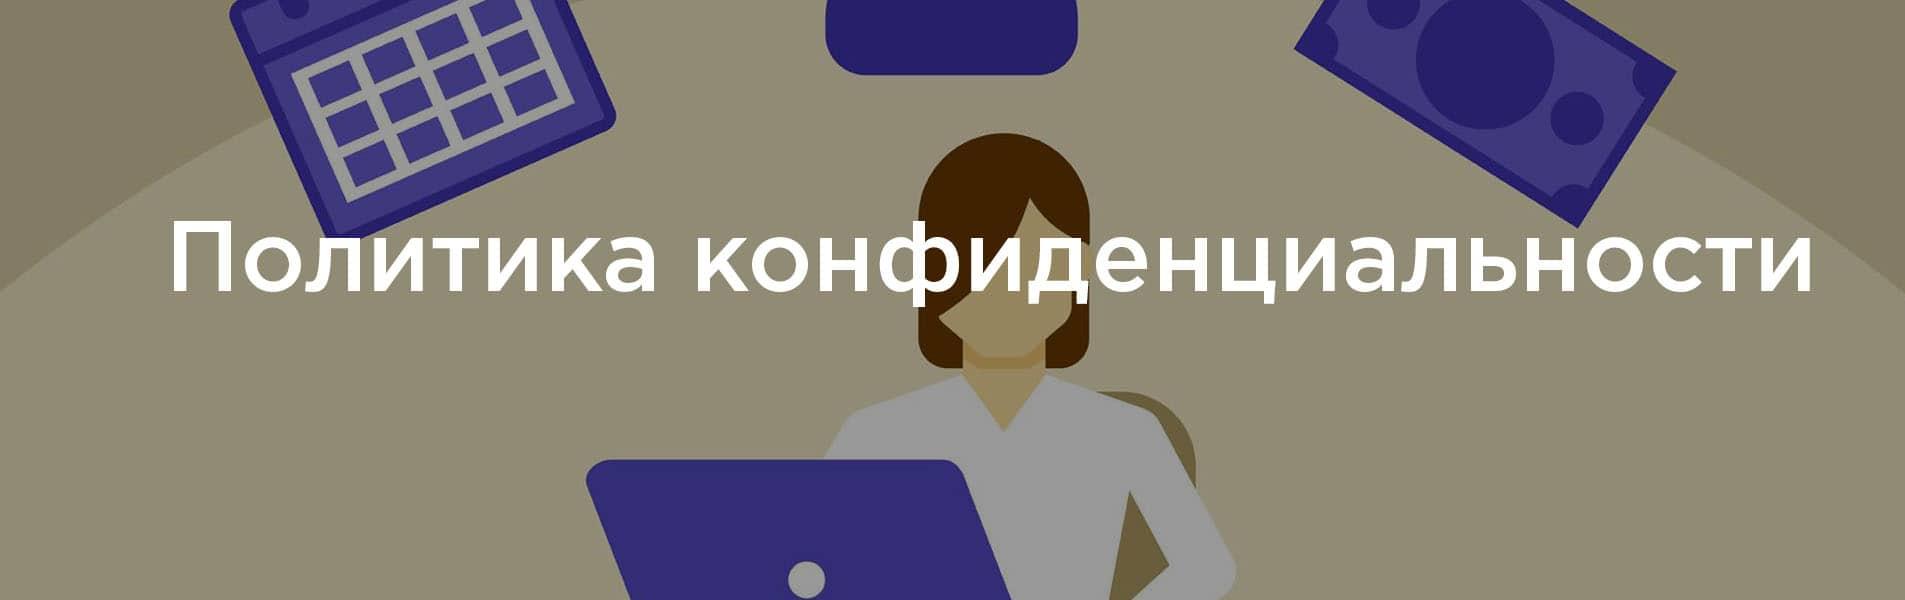 политика конфиденциальности вконтакте